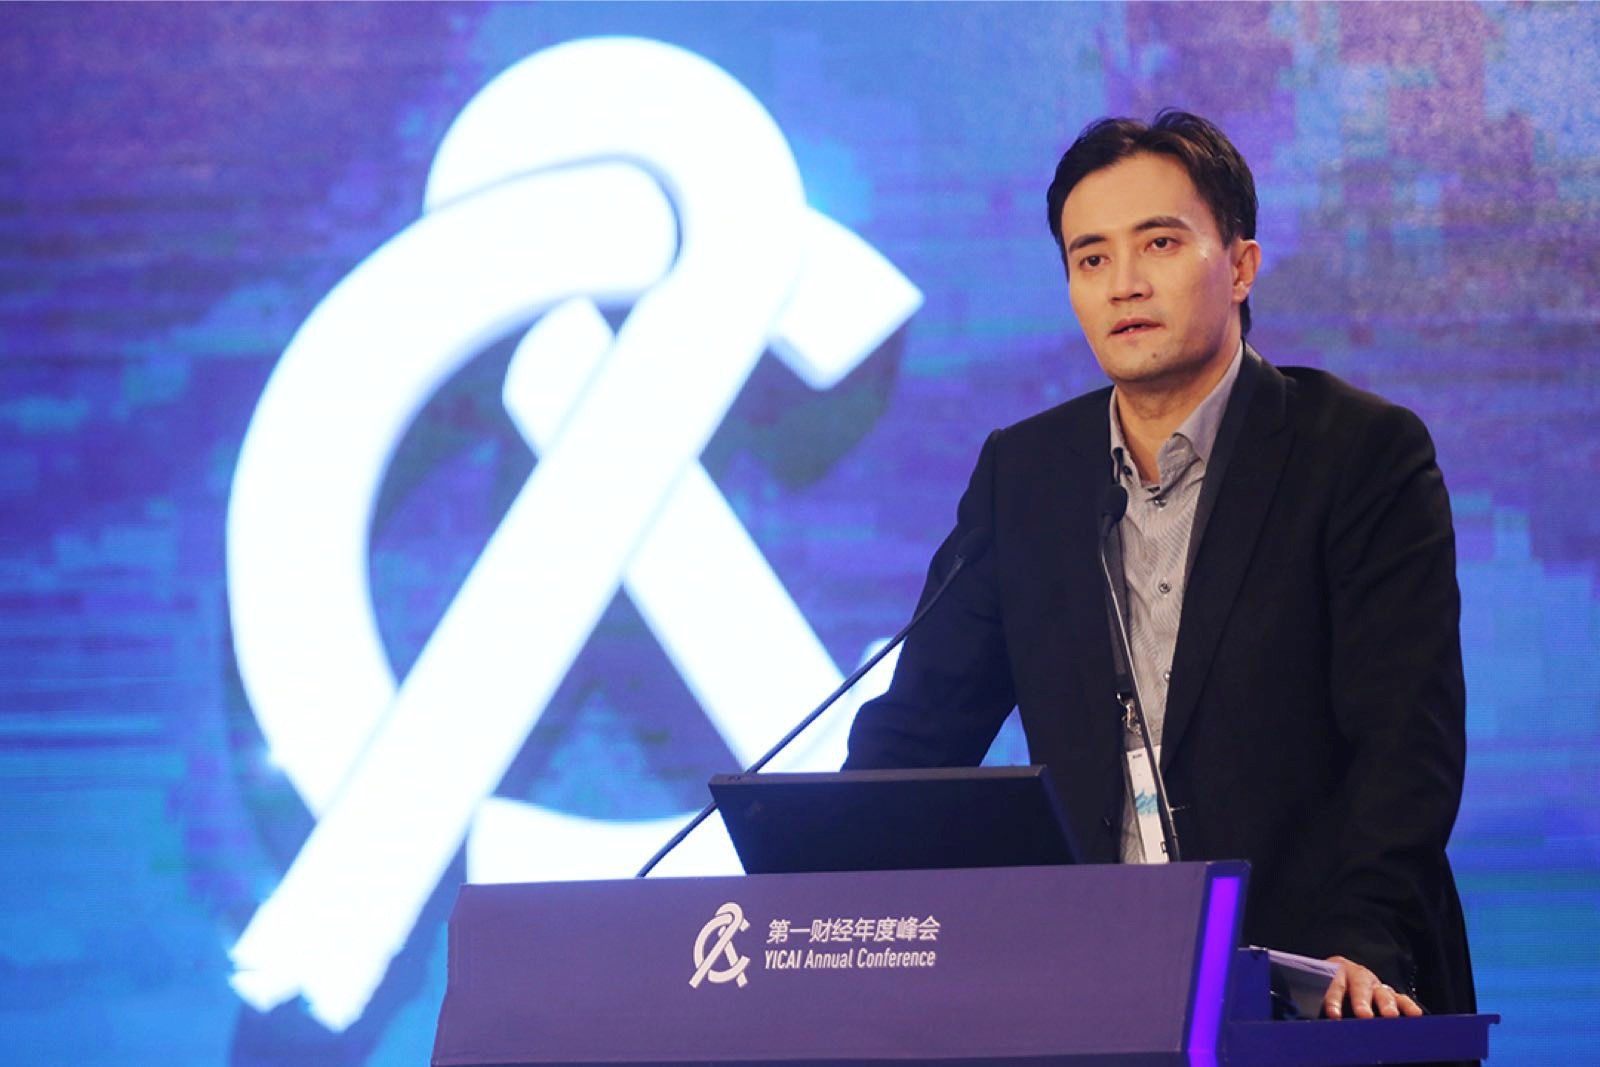 简普科技叶大清:中国金融AI将有望实现弯道超车